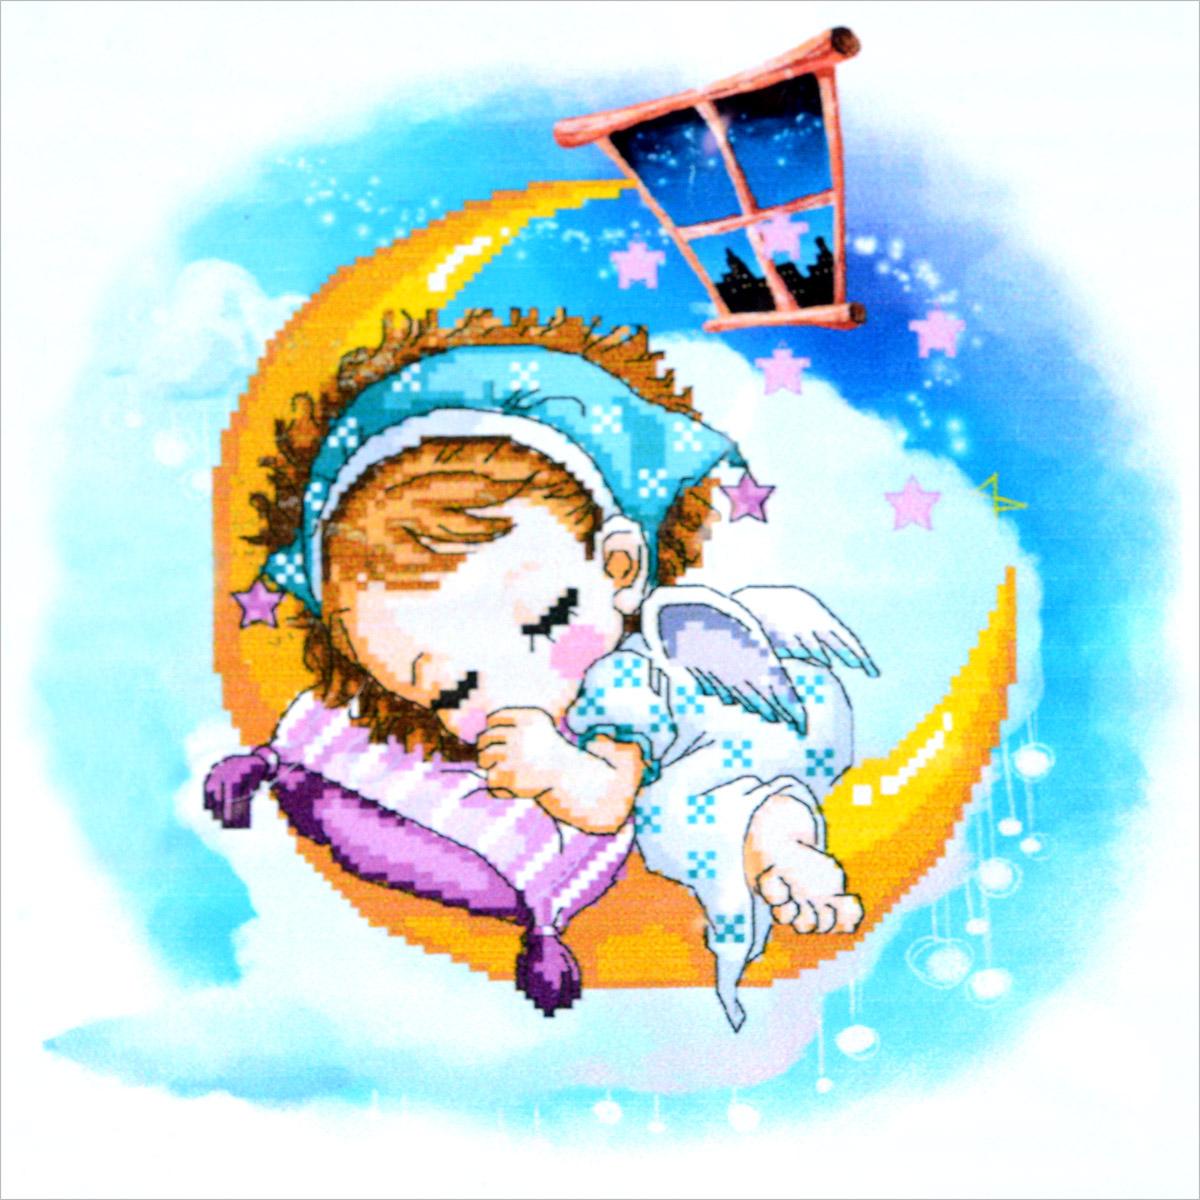 Набор для изготовления картины со стразами Cristal Спящий ангел, 51 х 51 см7710772.8256Набор для изготовления картины со стразами Cristal Спящий ангел поможет вам создать свой личный шедевр. Работа, выполненная своими руками, станет отличным подарком для друзей и близких! Набор содержит: - полотно-схема с нанесенным рисунком и клеевым слоем (размер 51 см х 51 см), - пластиковое блюдце; - стразы (23 цвета), - клей для страз; - карандаш; - точилка; - пинцет; - 2 ватные палочки; - 2 маленьких пакетика; - инструкция на русском языке. Подарите близким тепло ваших рук!